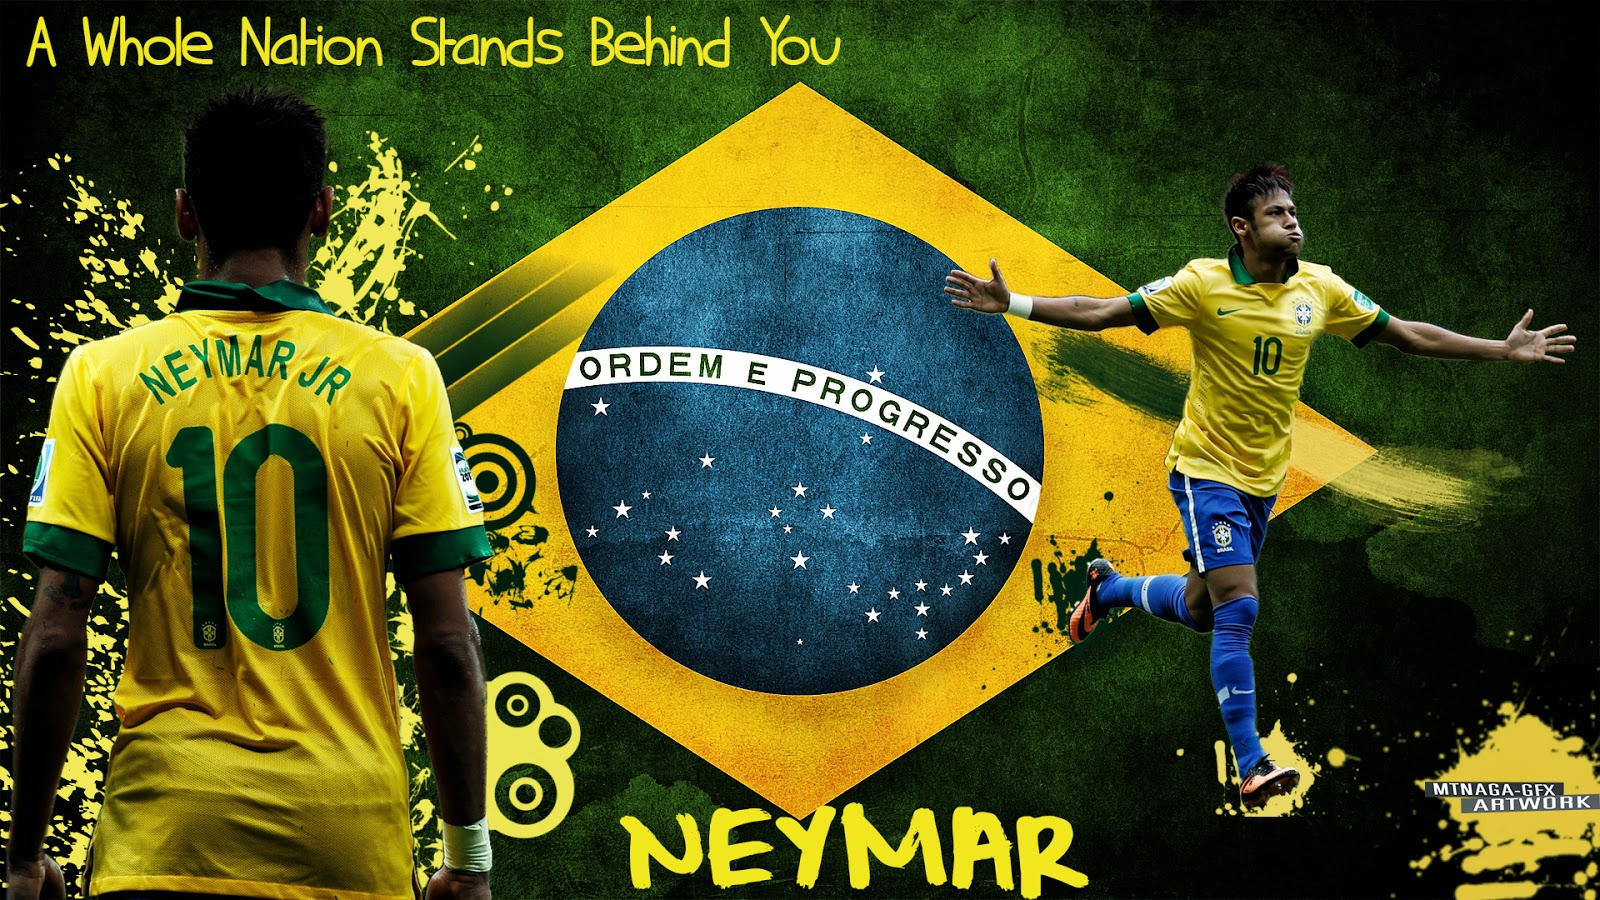 Neymar Brazil HD Wallpapers